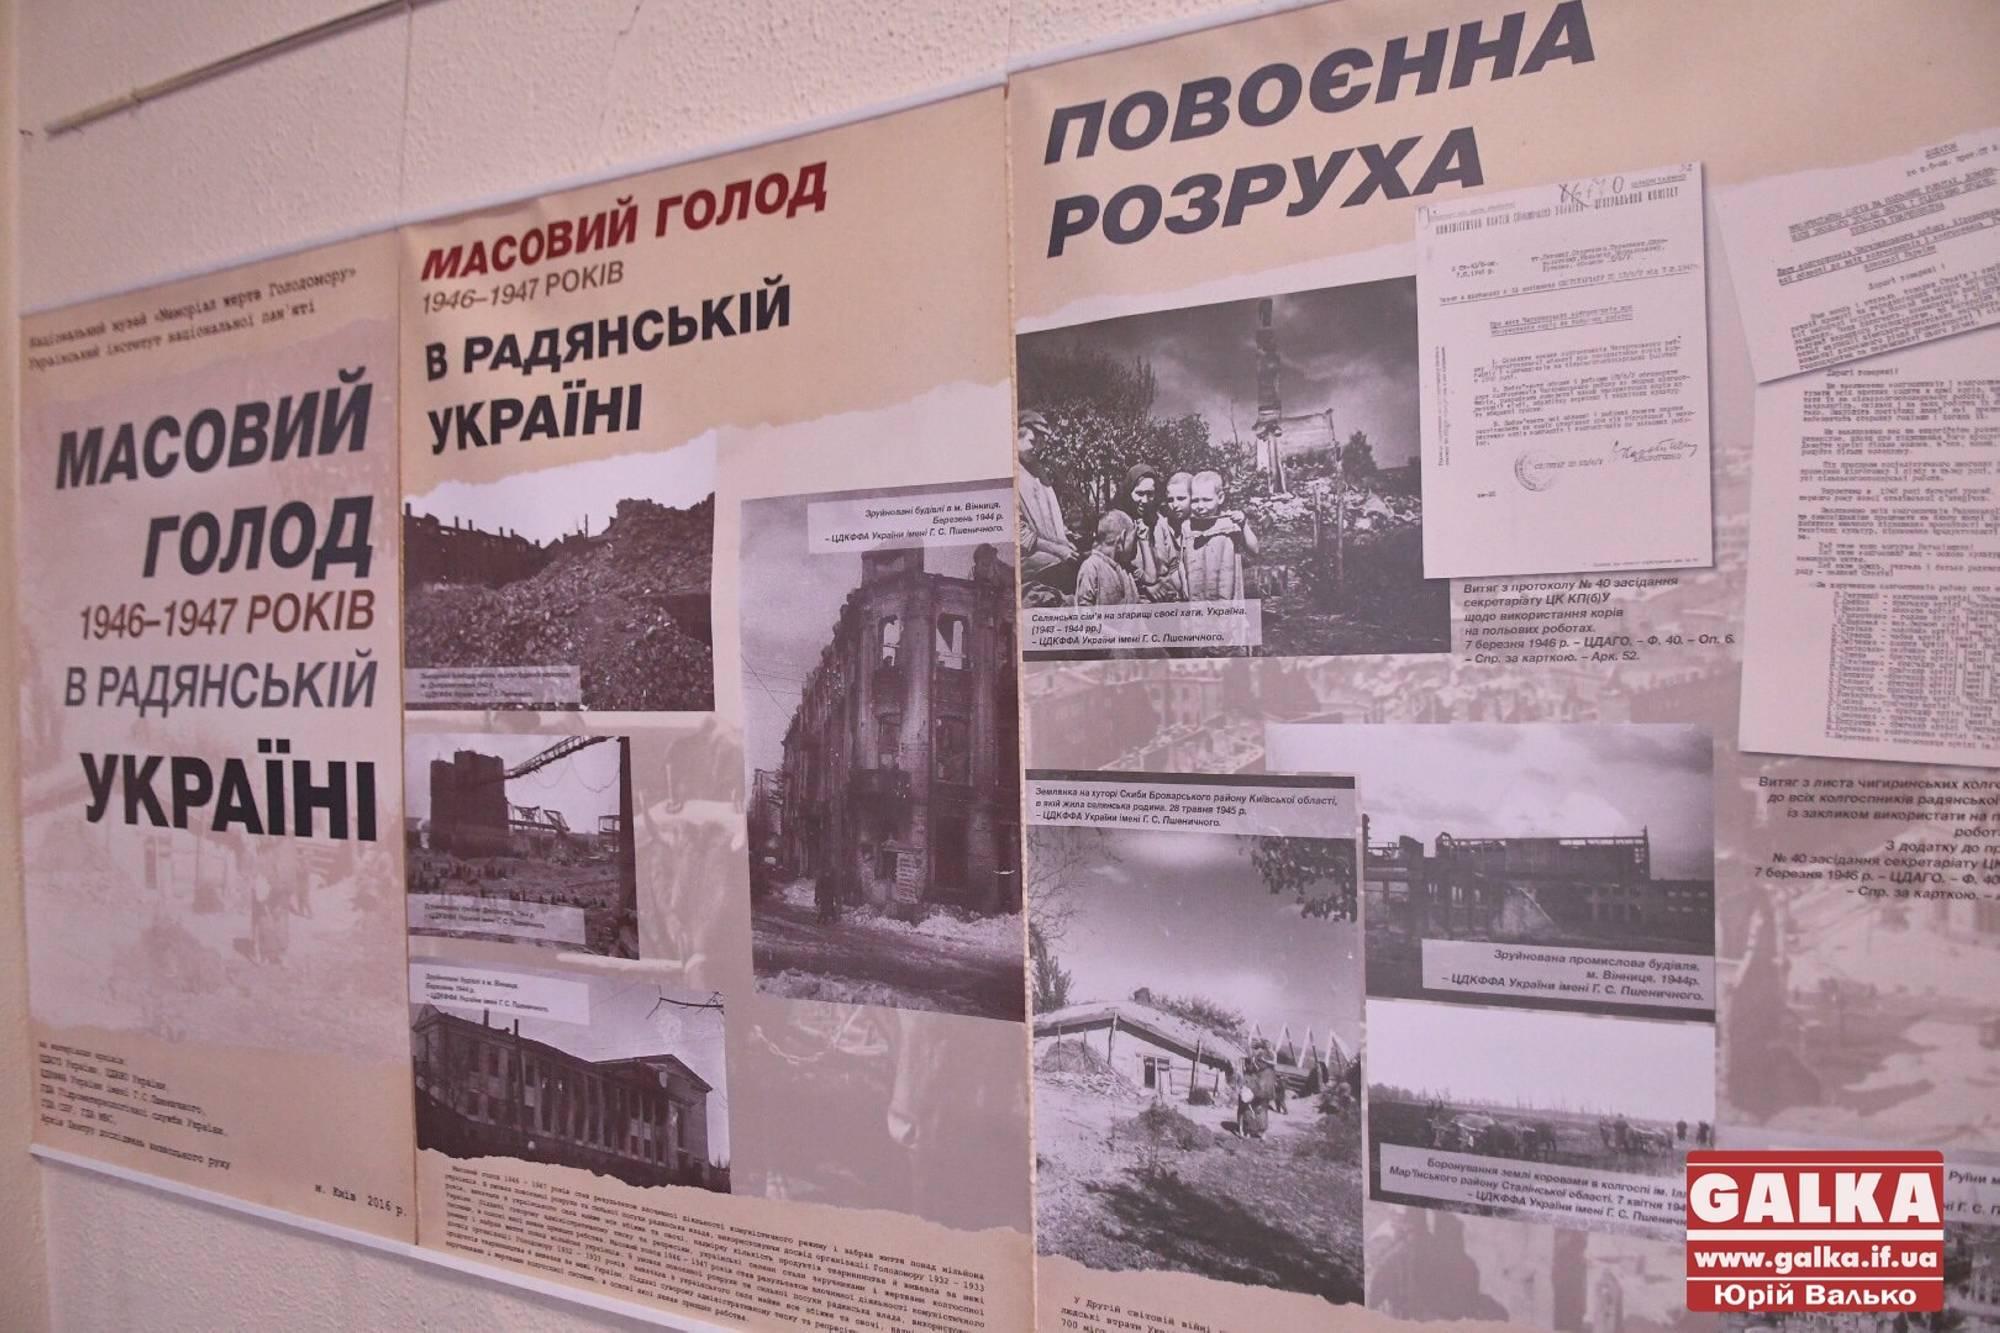 Франківцям показали документи про штучний голодомор 1946-47 років (ФОТО)